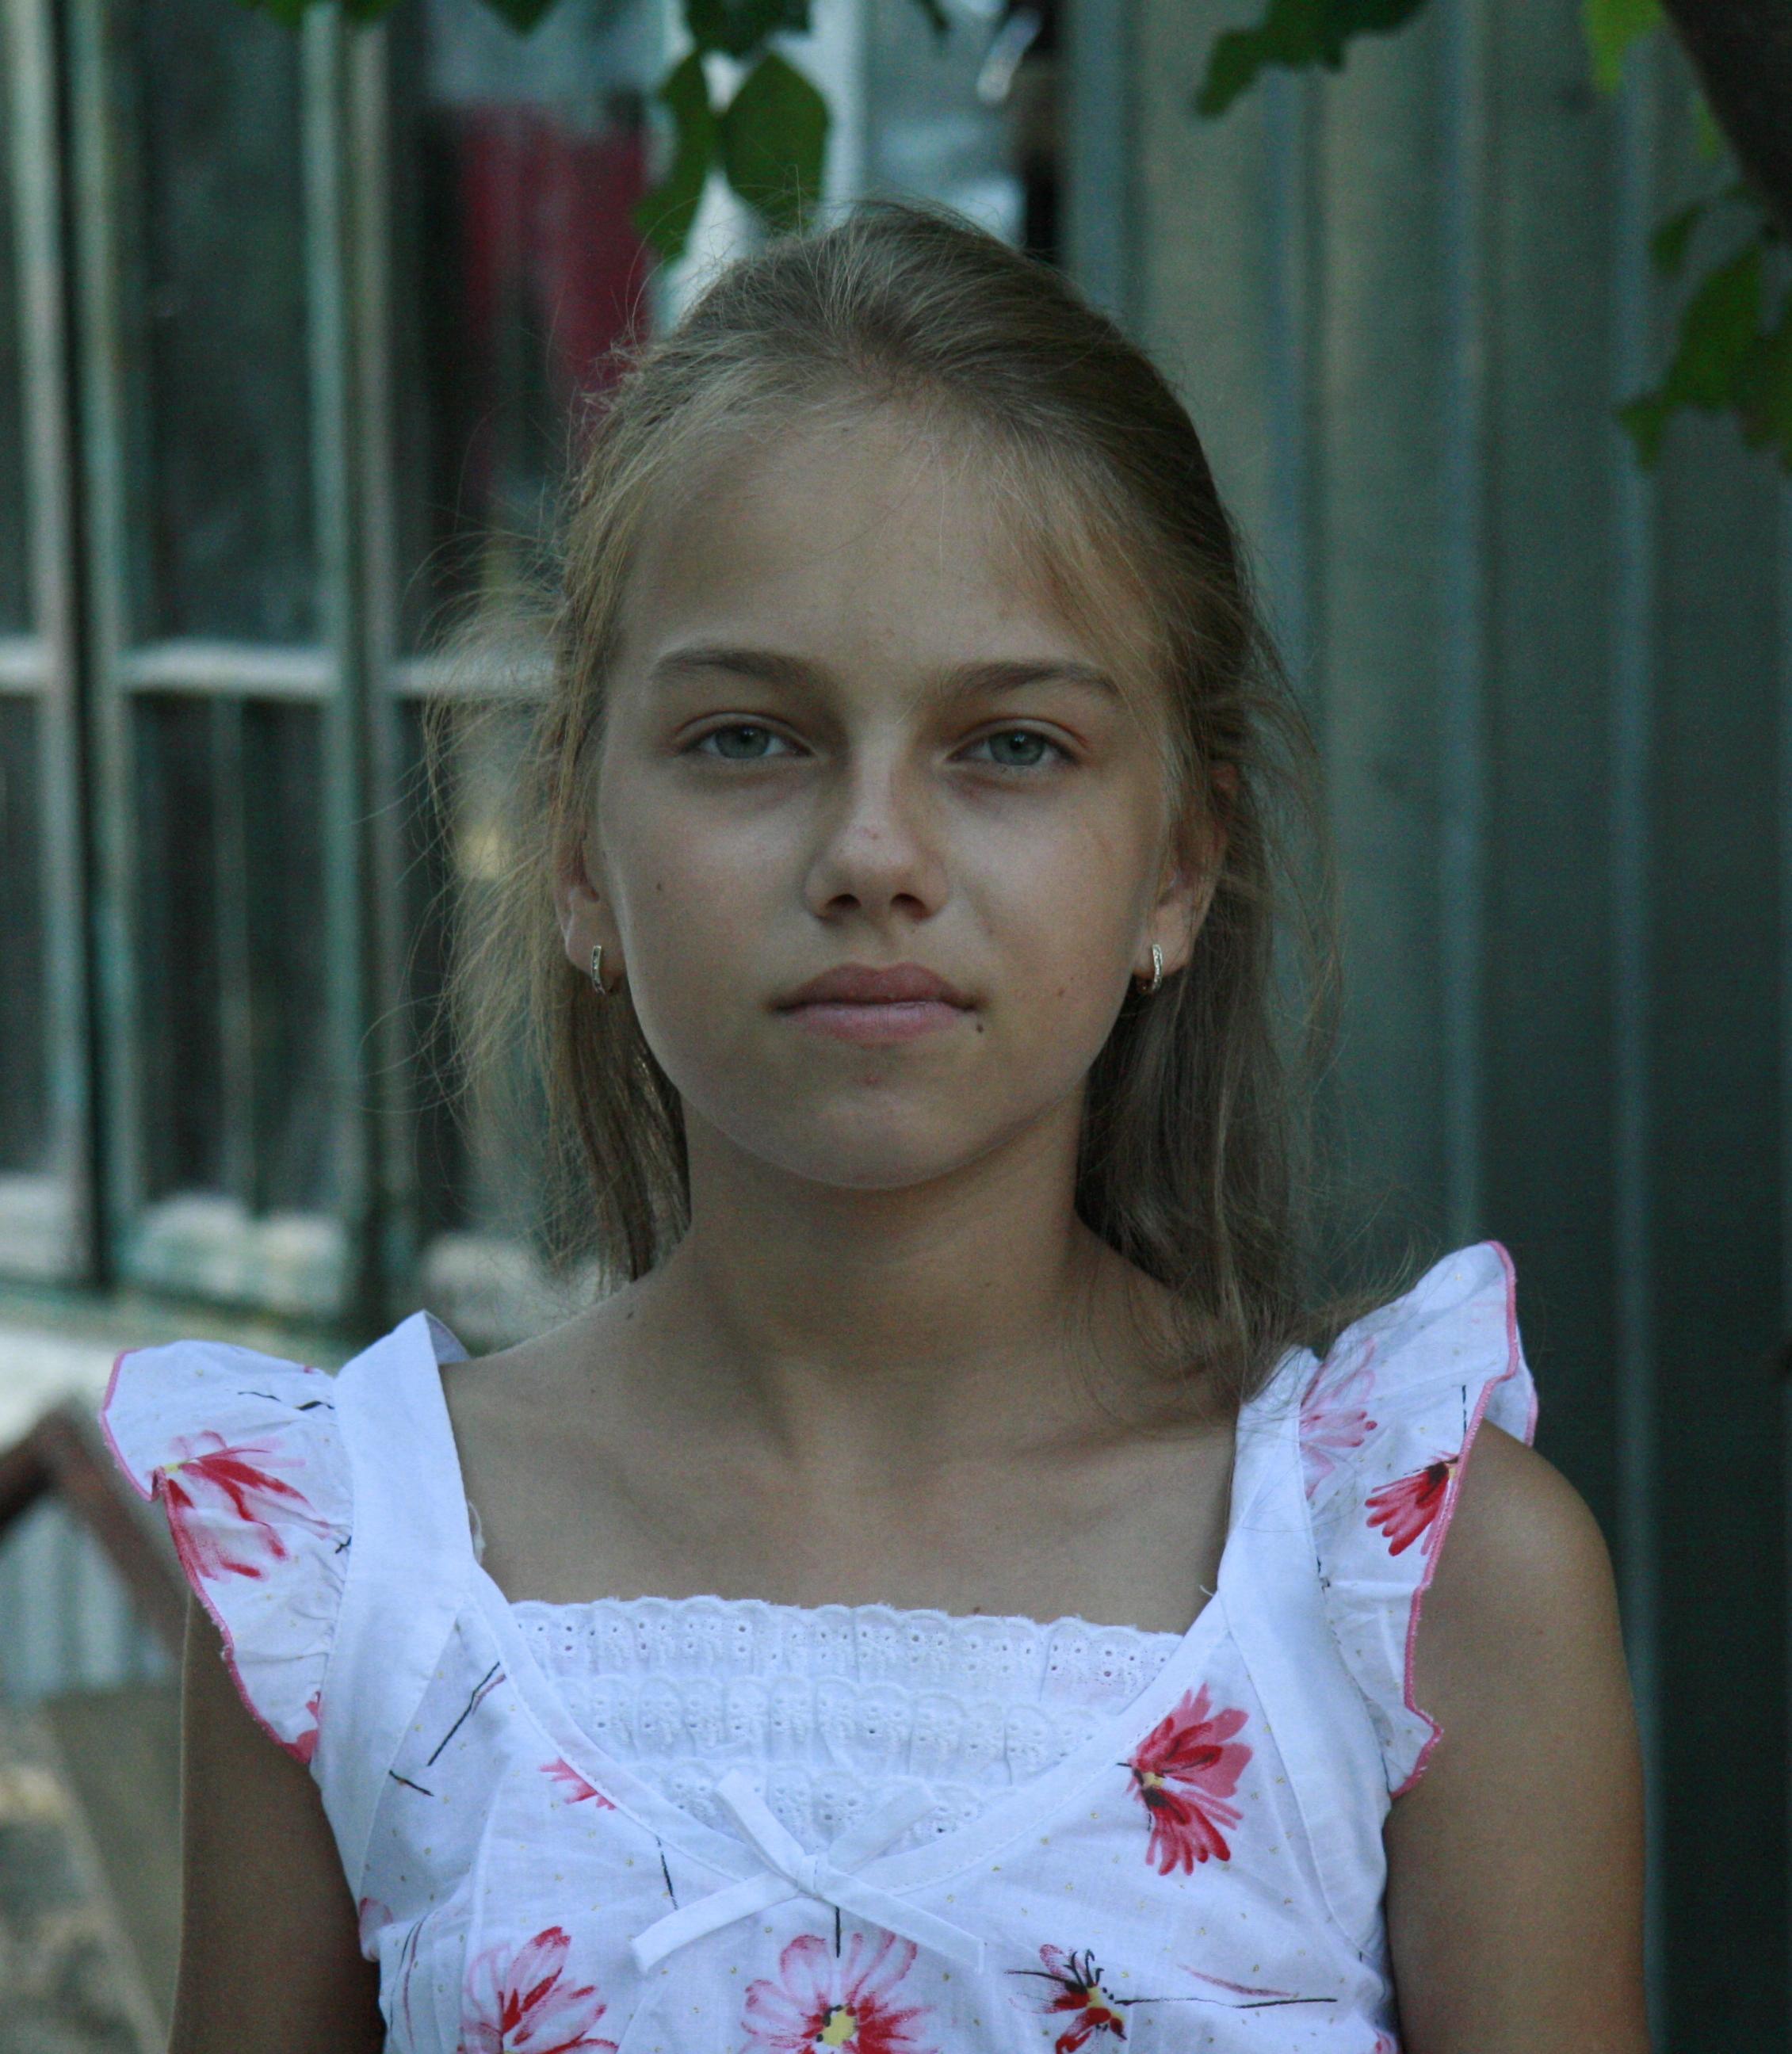 pedo little girls Girl Portait2 by little-girl-stock